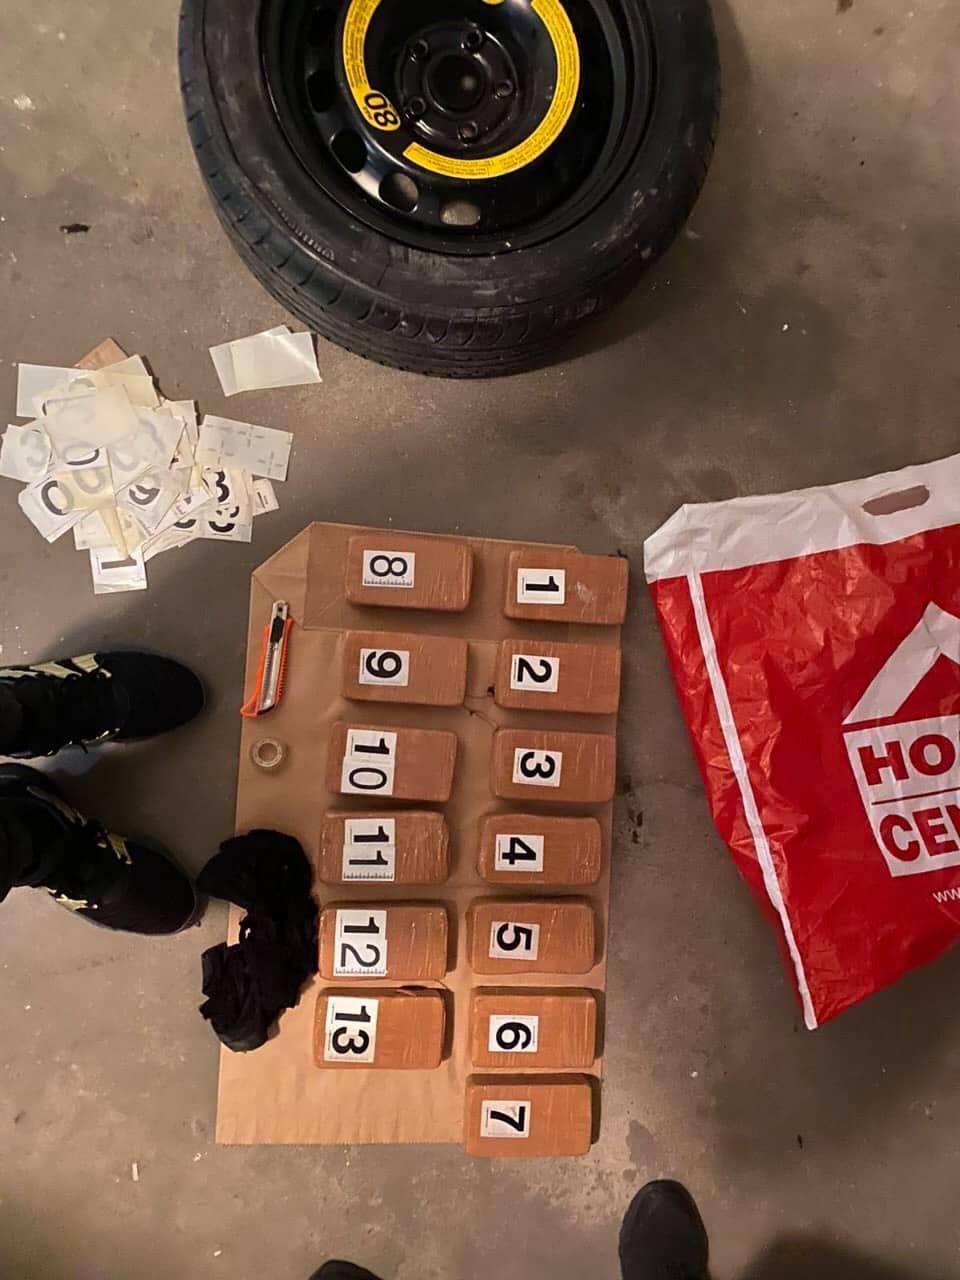 Македонци шверцувале хероин и кокаин вреден милион евра- уапсени 12 лица